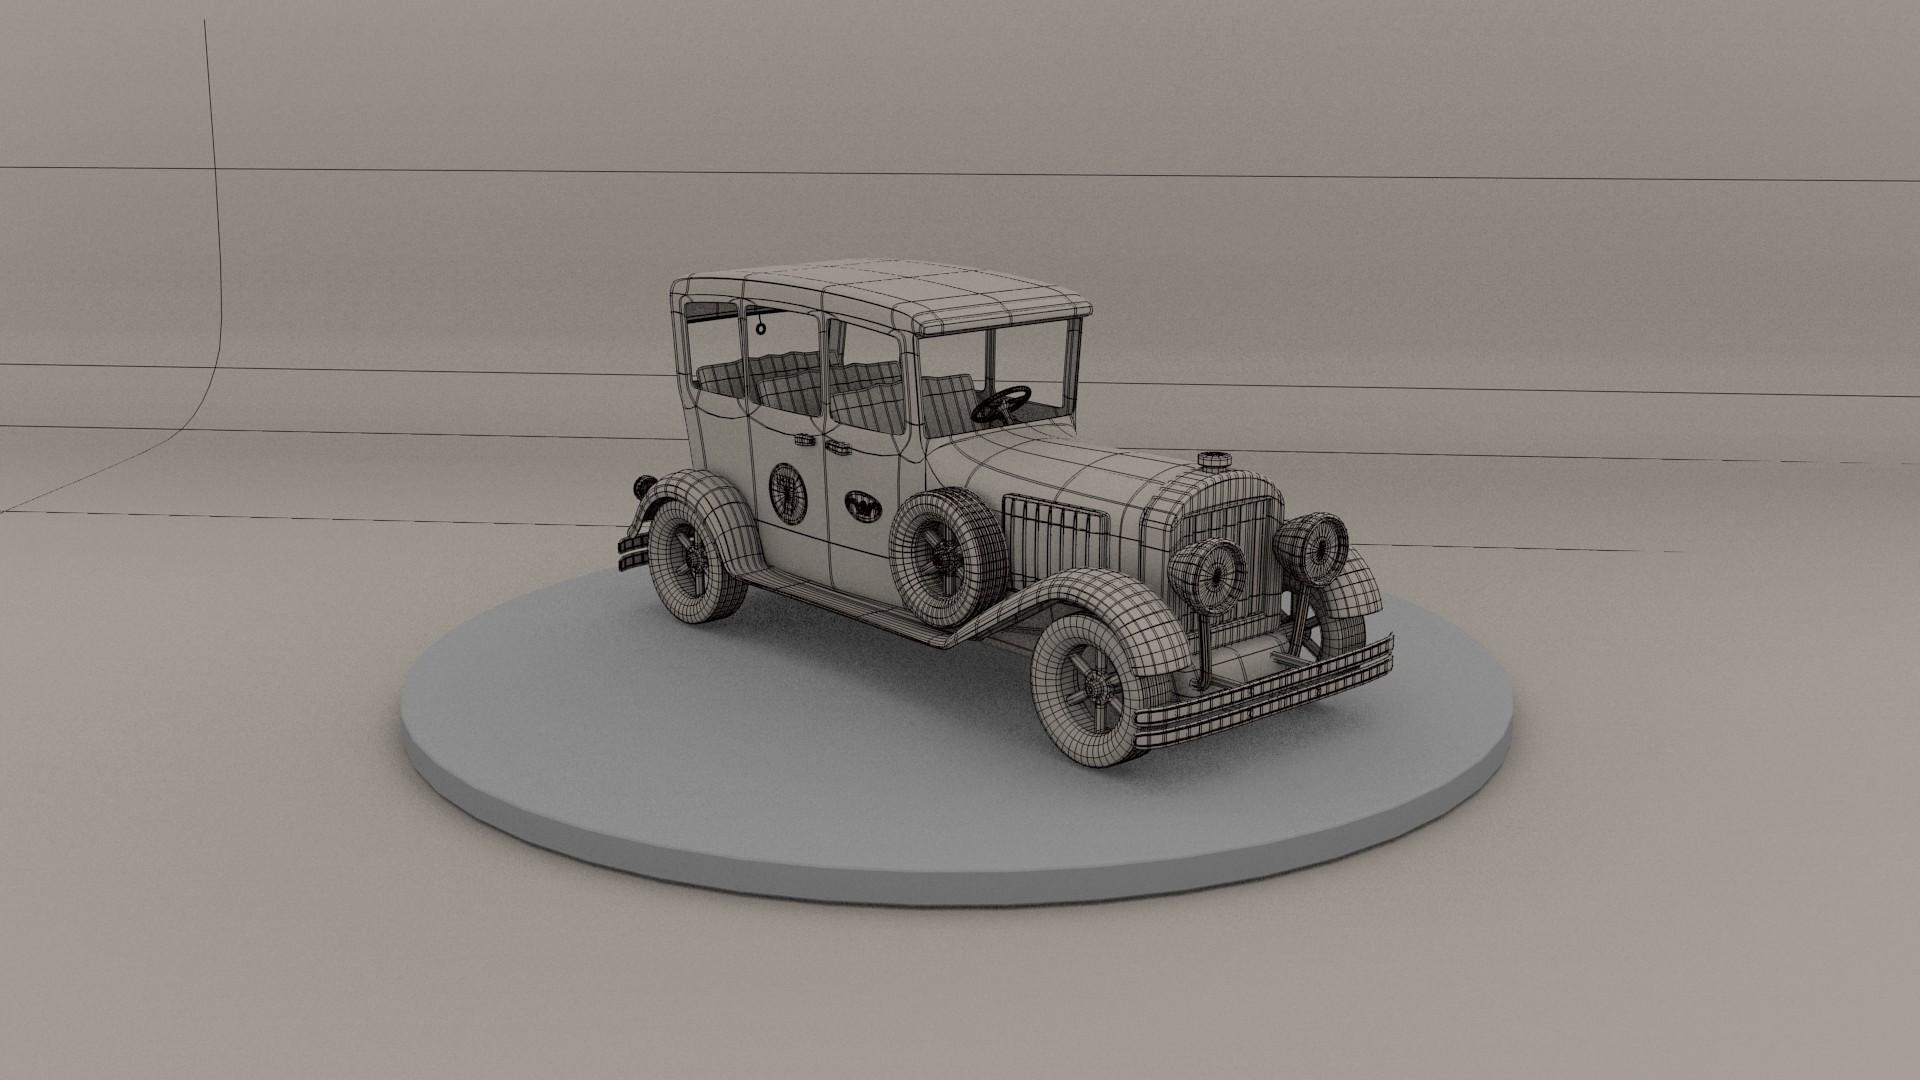 Los autos locos wacky races soliman-07-wire_la_antigualla_blindada.jpg